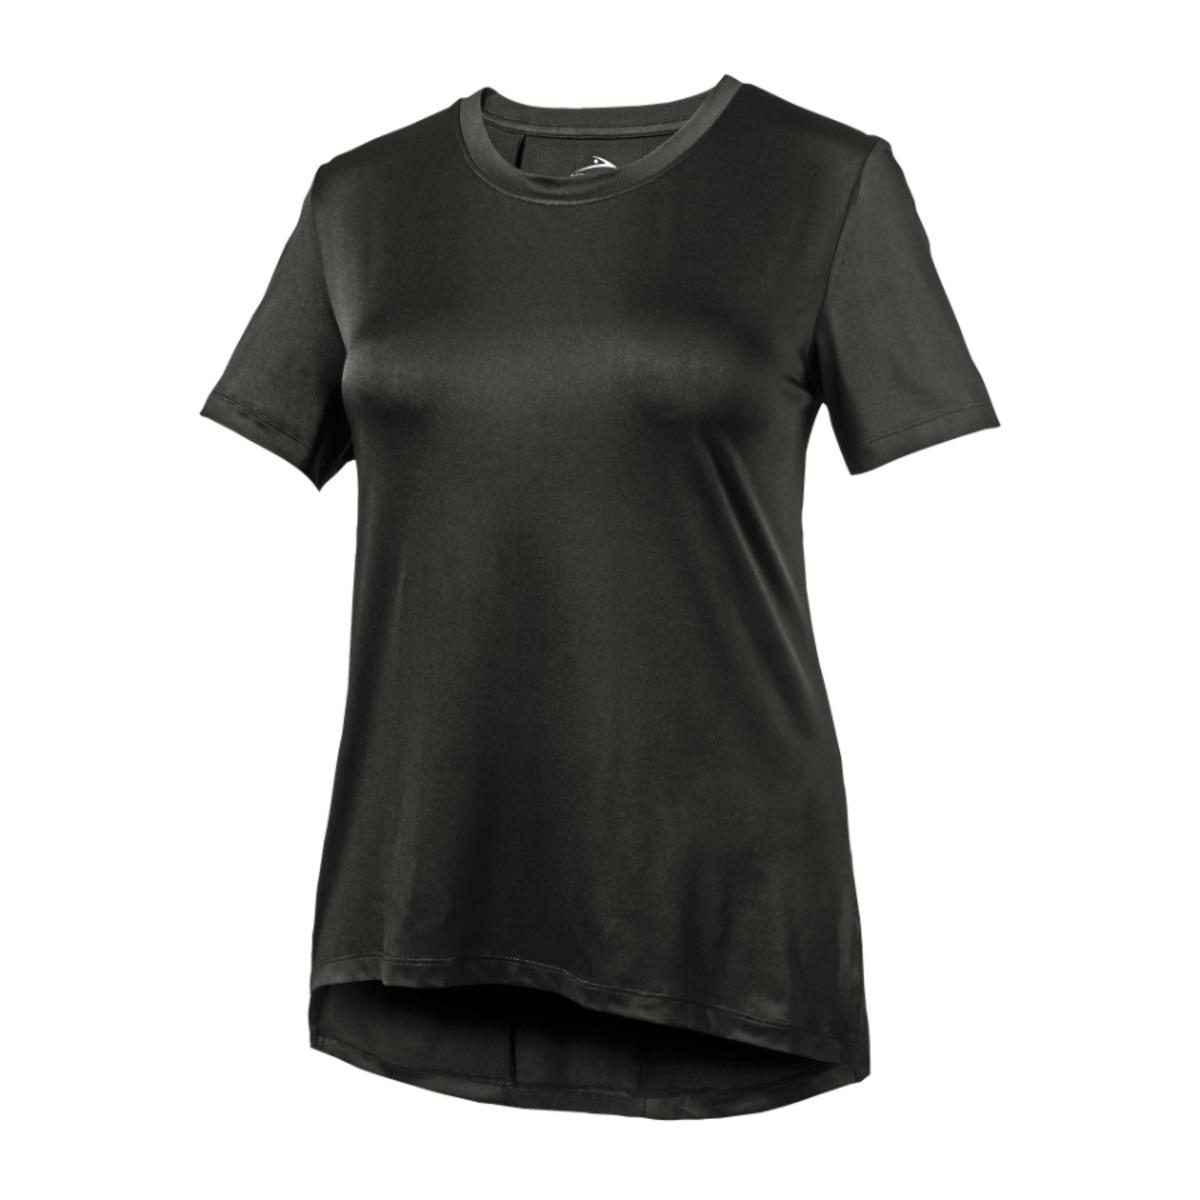 Bild 2 von ACTIVE TOUCH     Fitness-Shirt / -Top